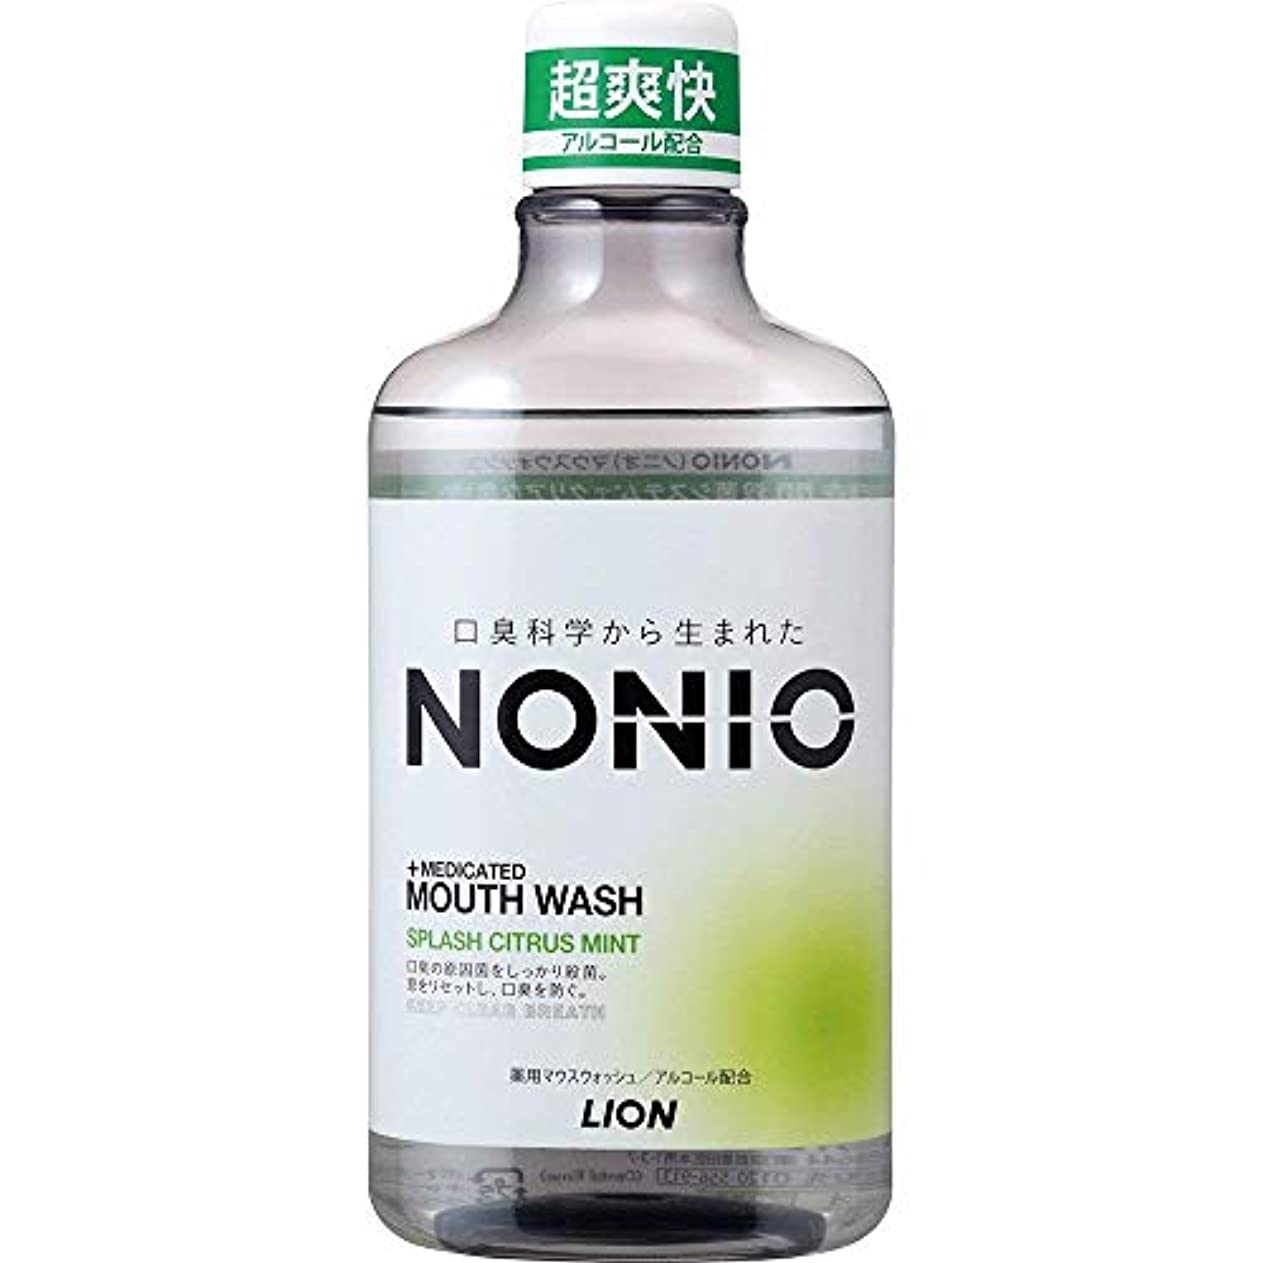 バースパーセント手配するNONIO マウスウォッシュ スプラッシュシトラスミント 600ml ×12個